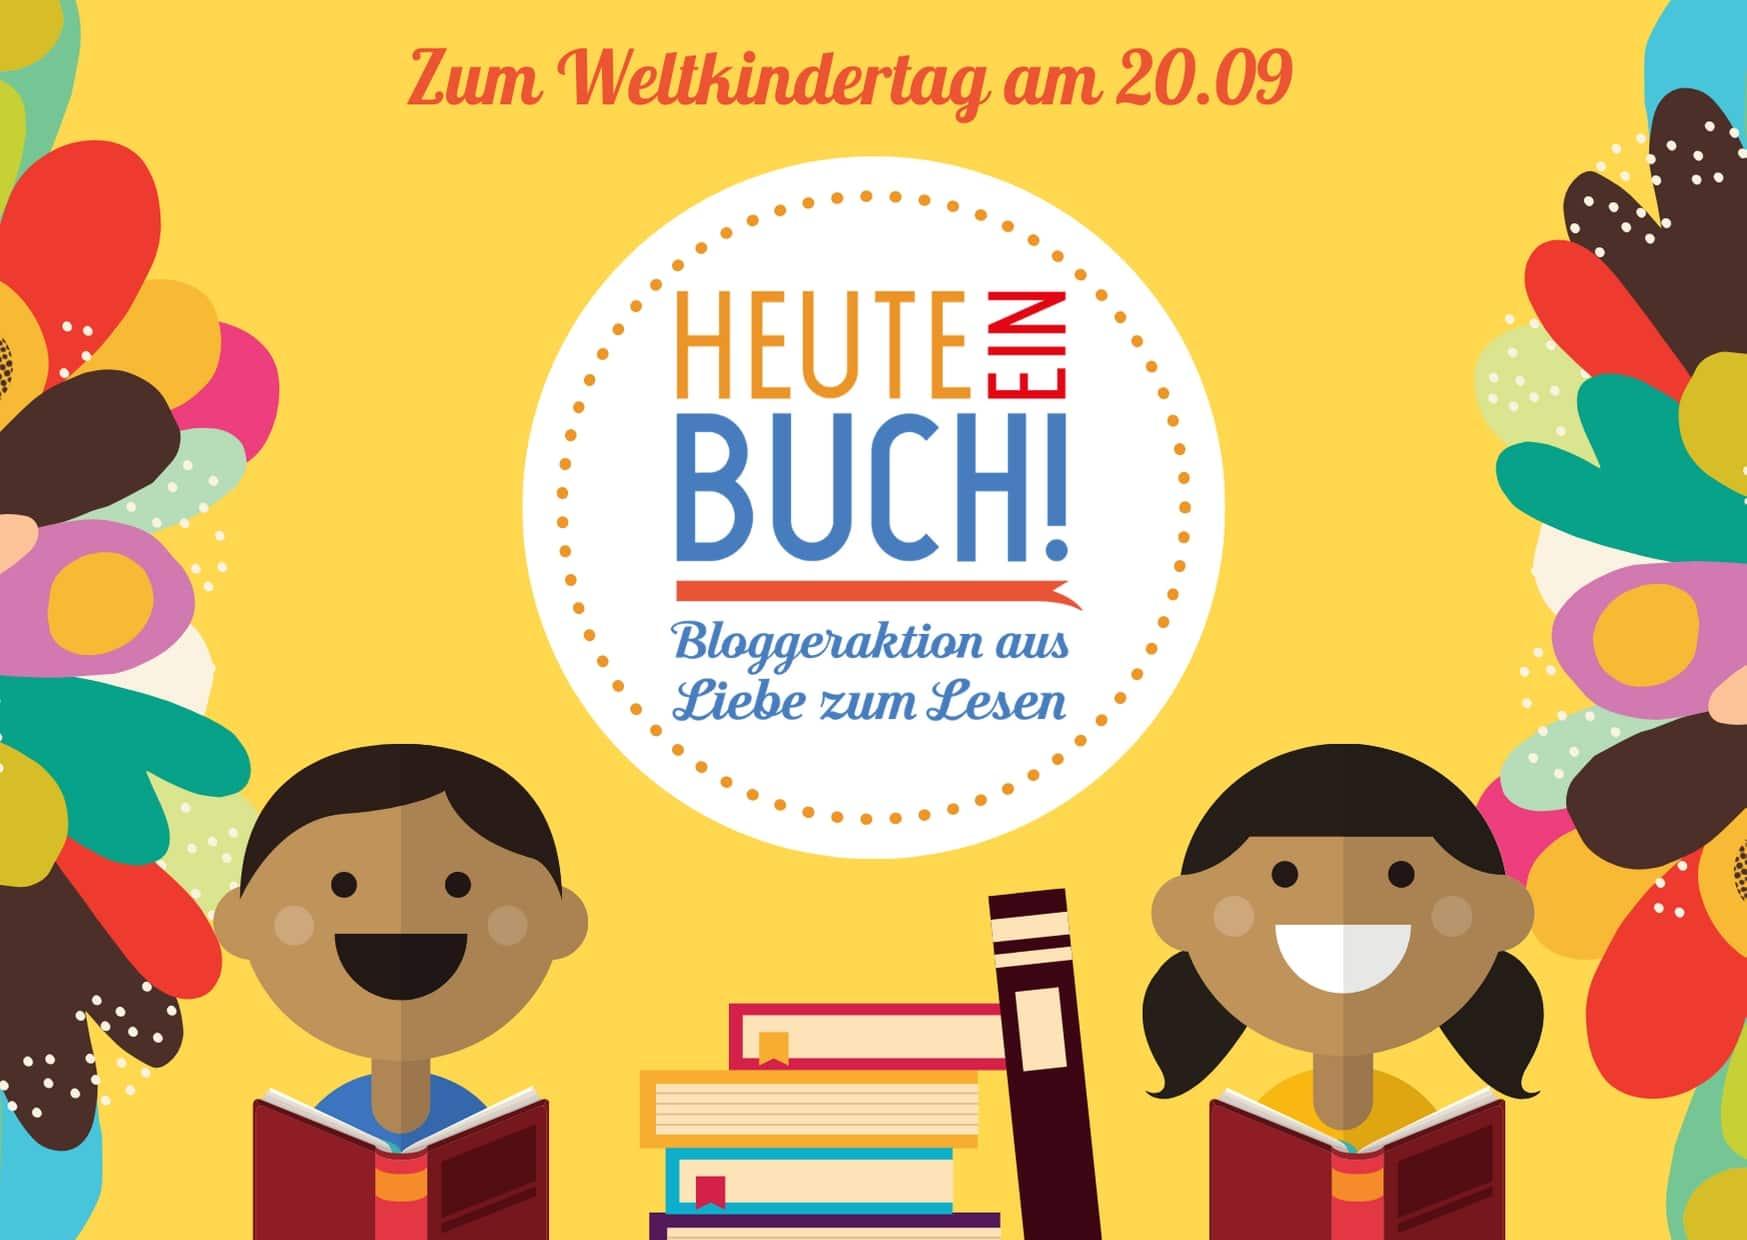 Heute ein Buch - Weltkindertag